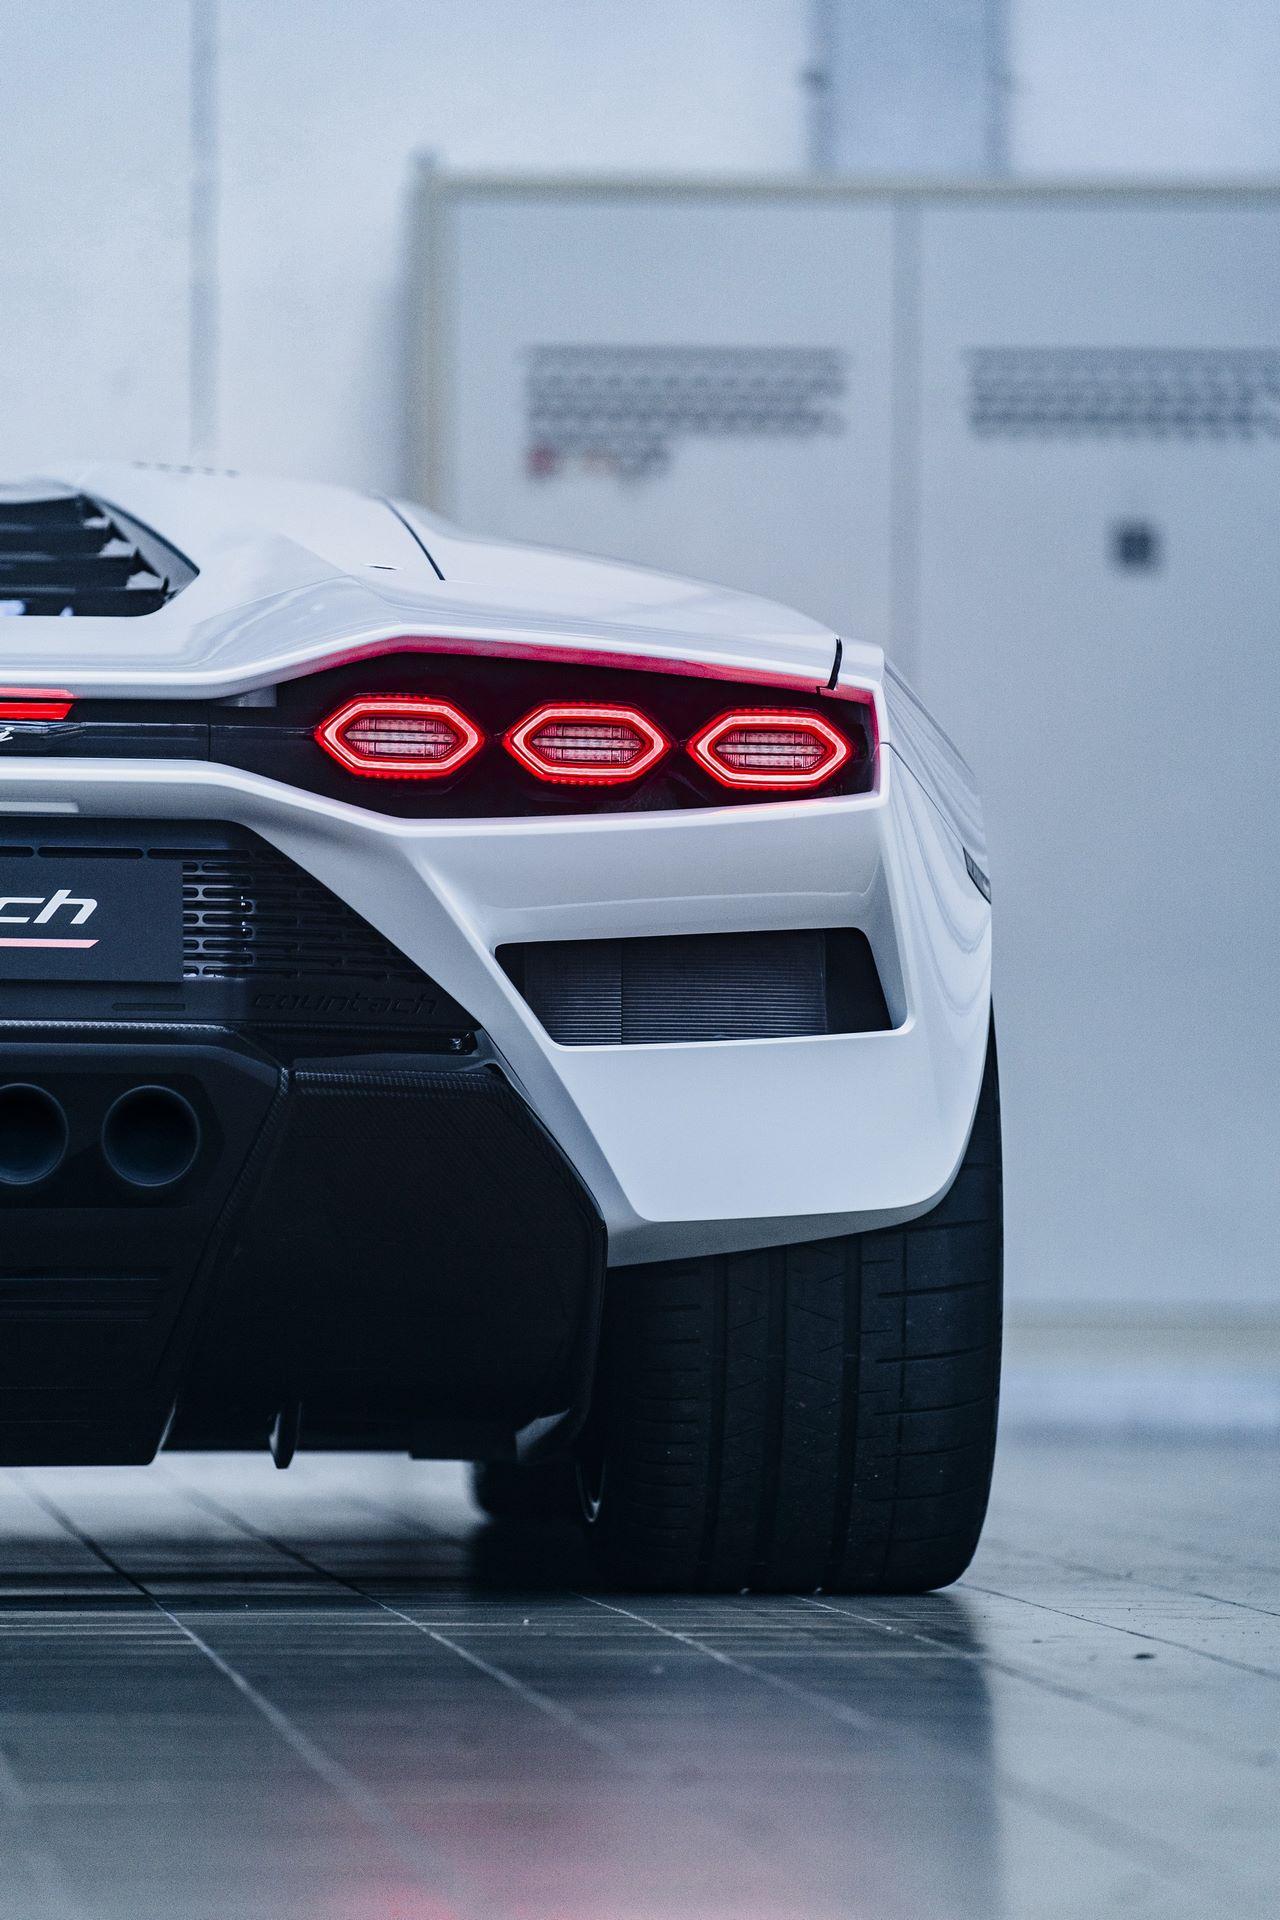 Lamborghini-Countach-LPI-800-4-74